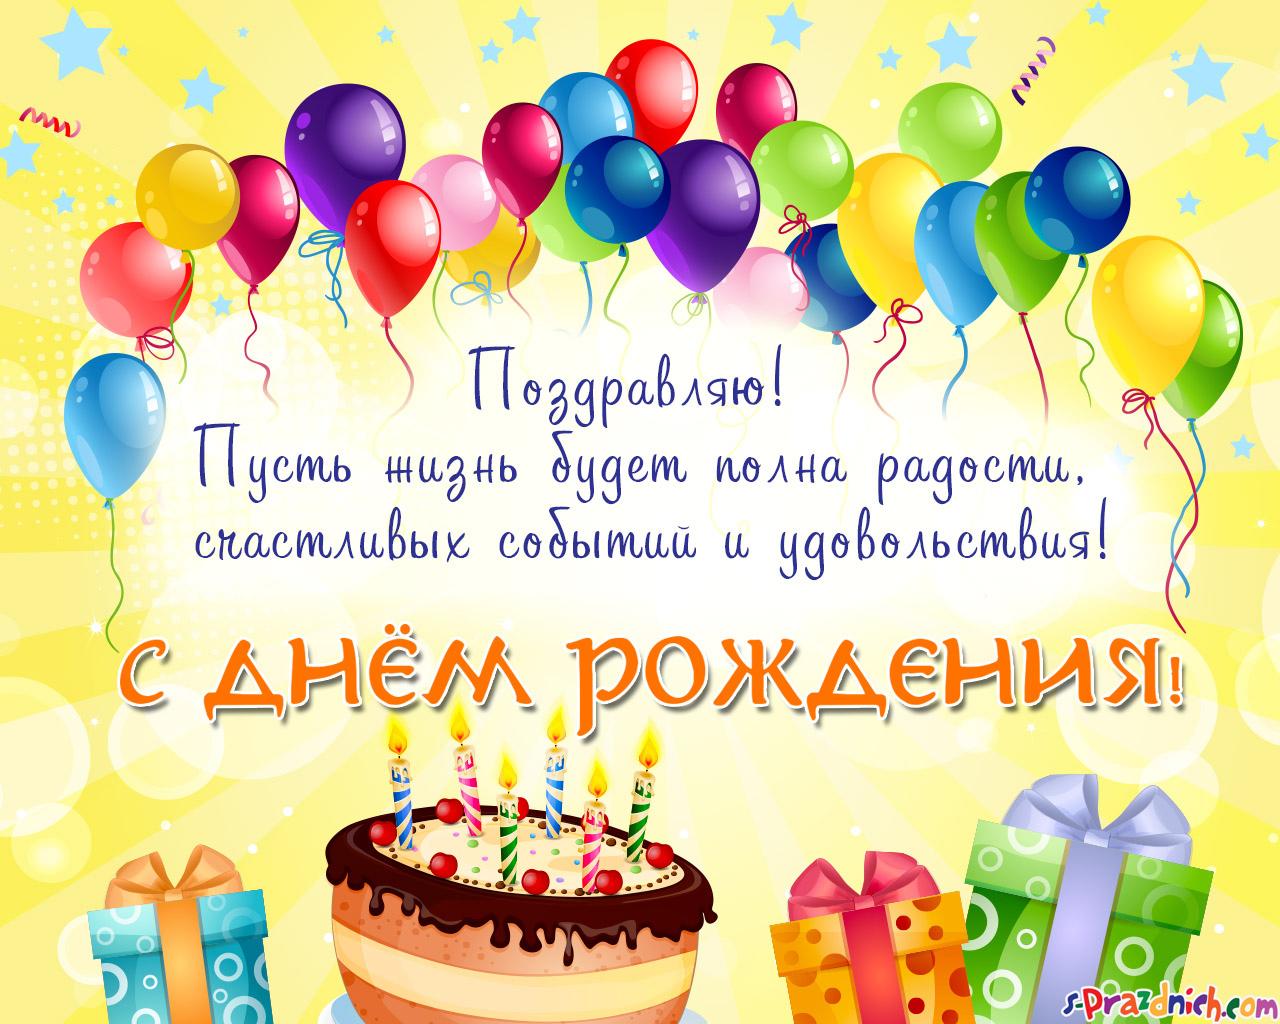 Текст поздравление с днем рождения на открытке, анимашки